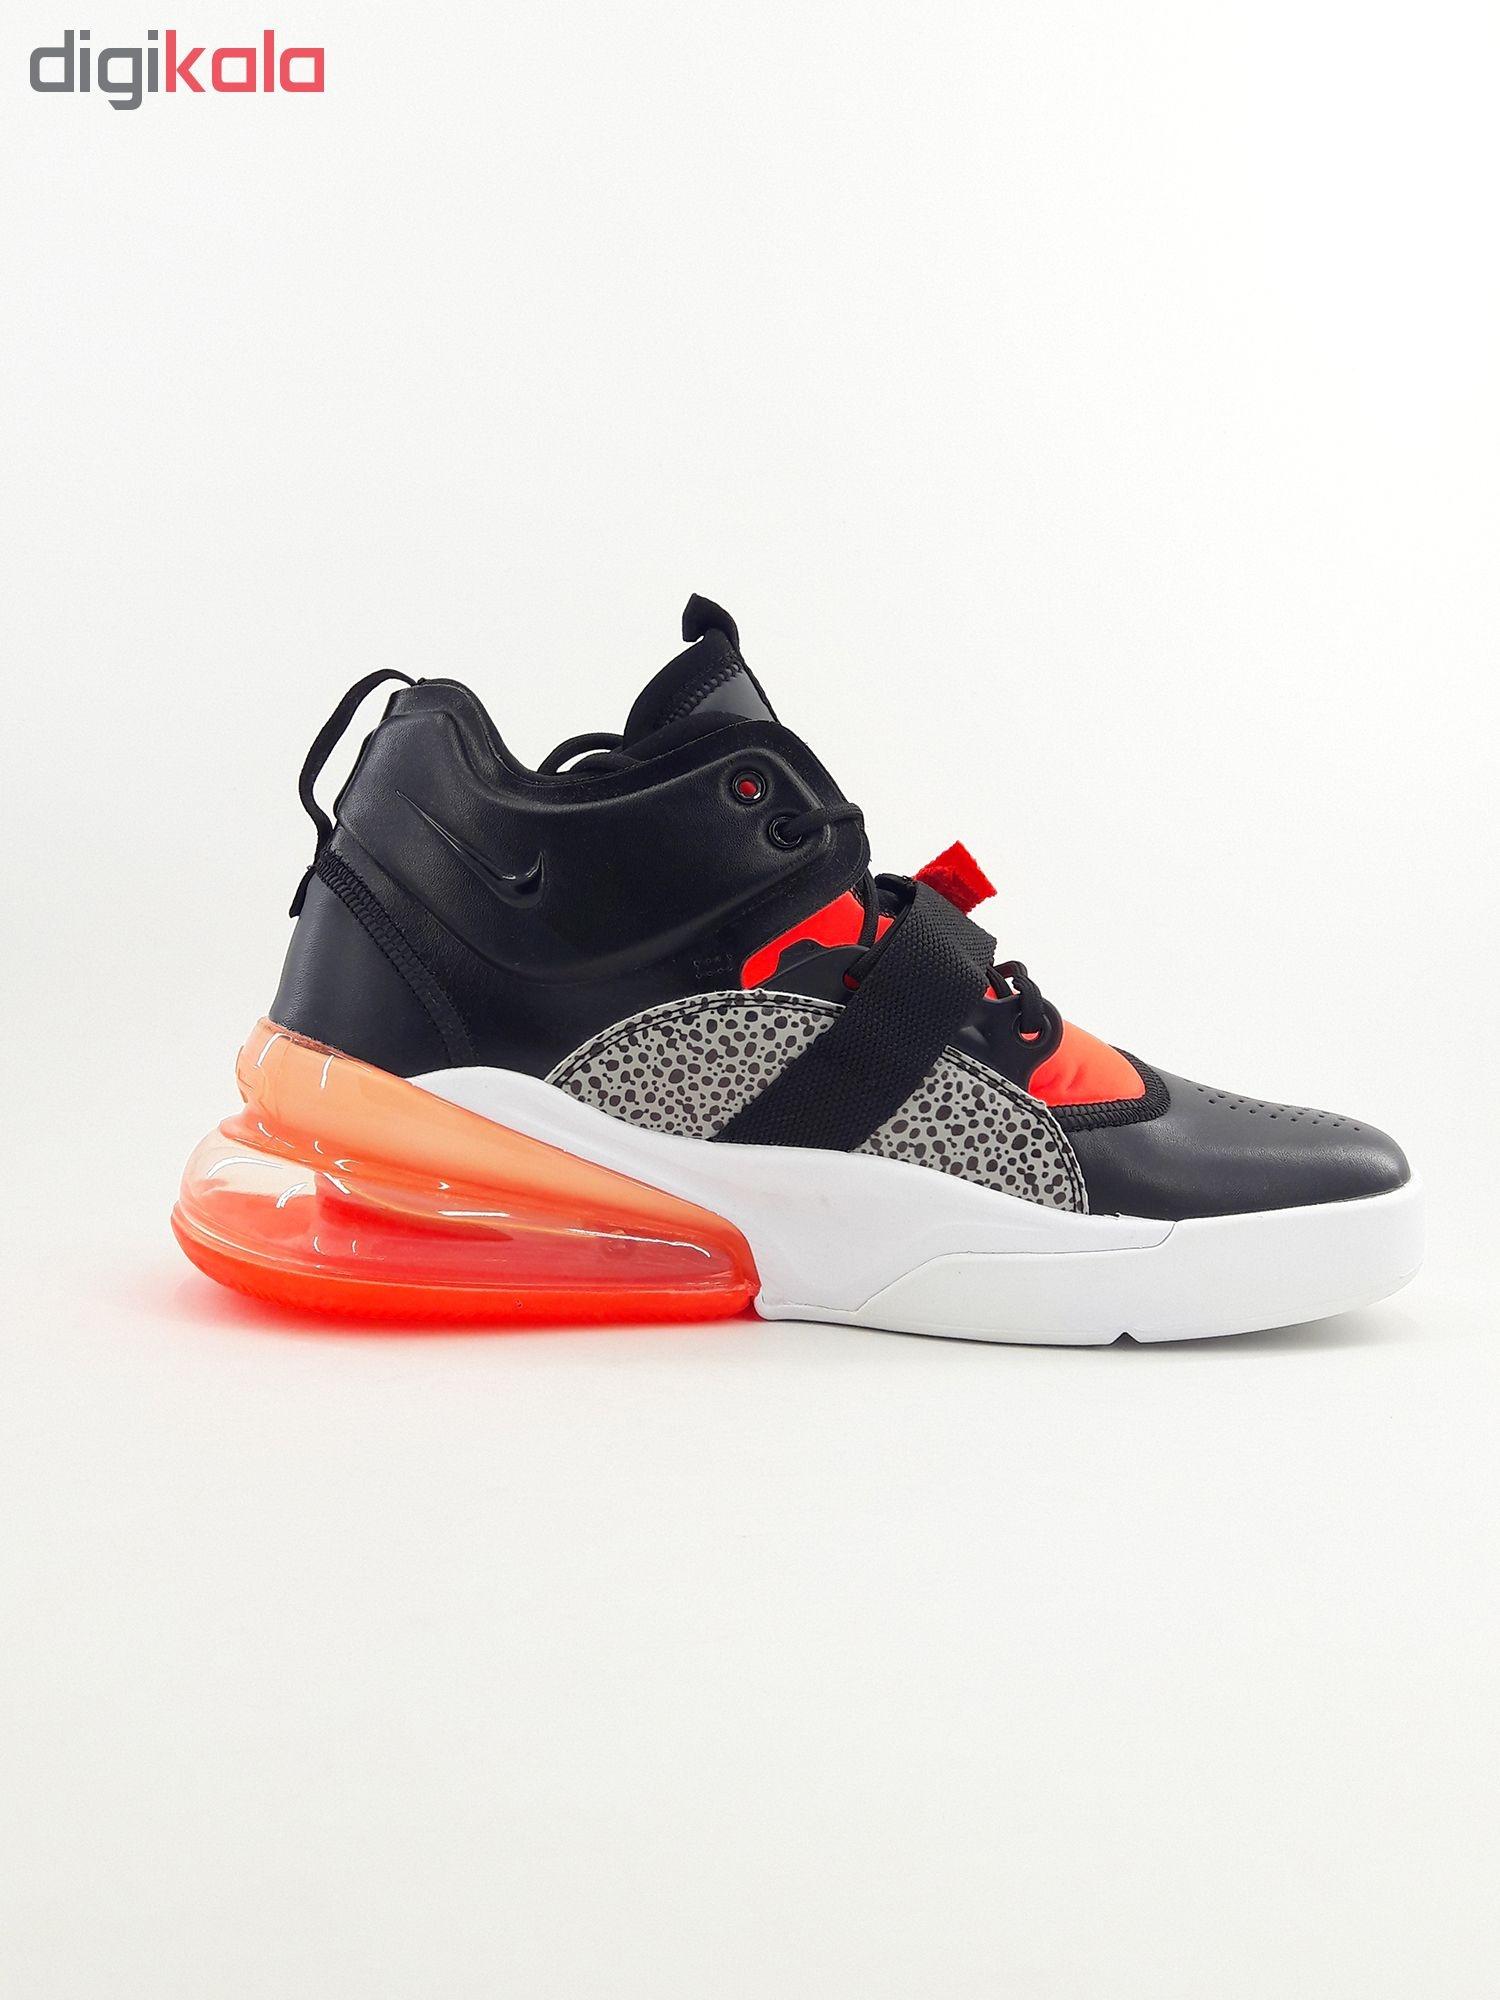 خرید                      کفش بسکتبال مردانه مدل Air force 270 کد AH6772-004